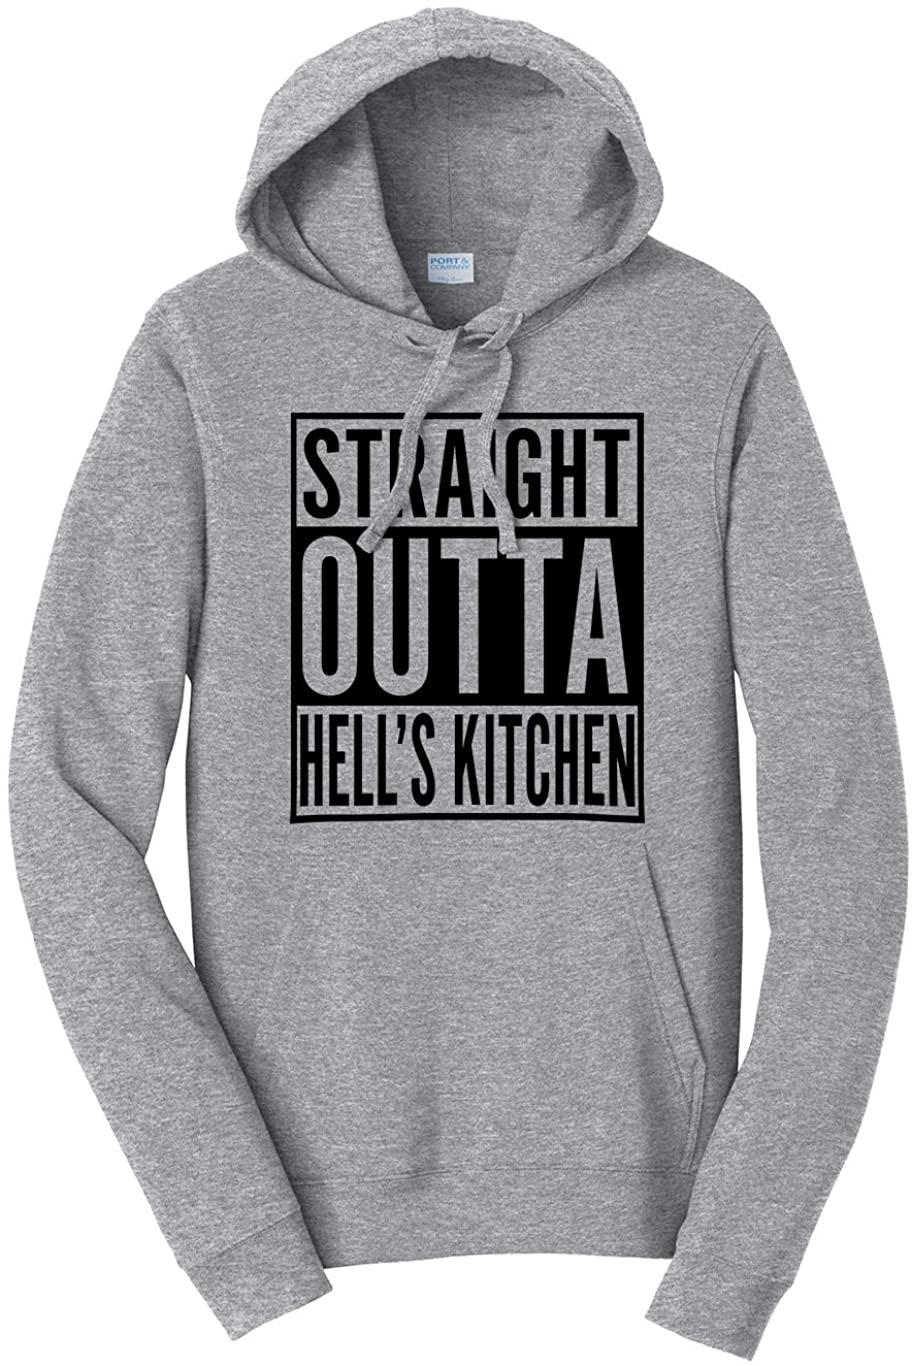 Tenacitee Unisex Straight Outta Hell's Kitchen Hooded Sweatshirt